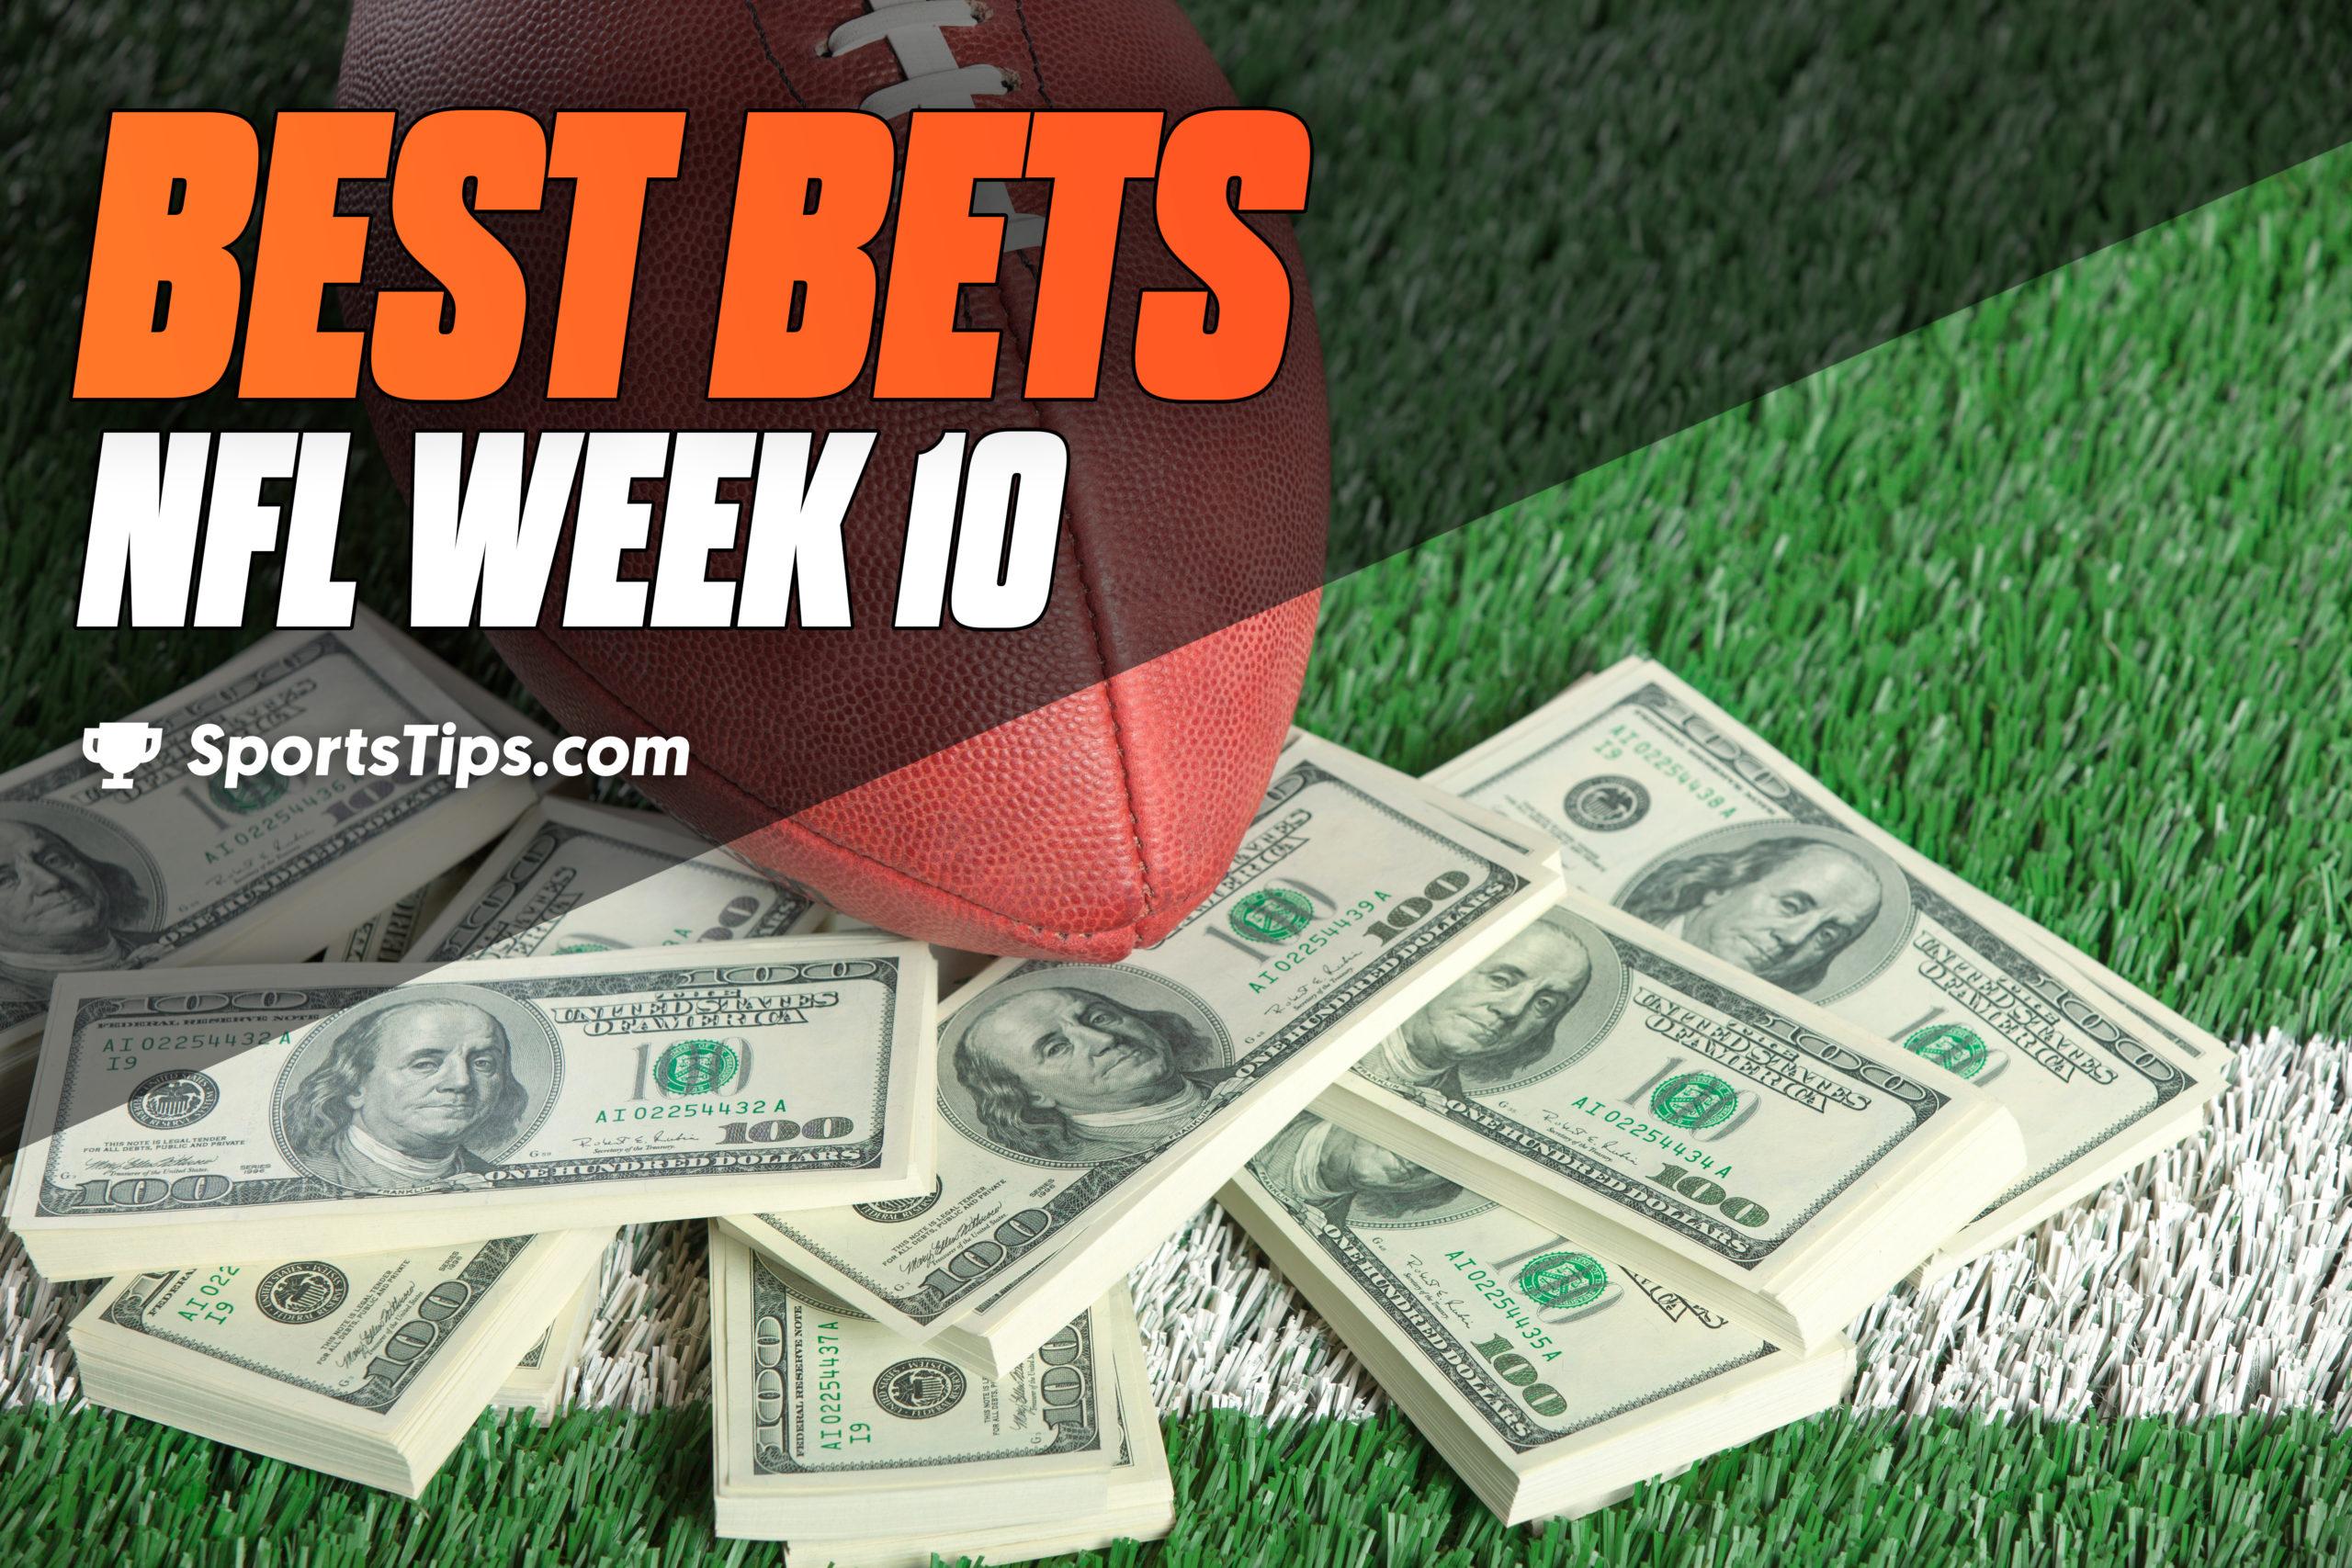 SportsTips' NFL Best Bets For Week 10